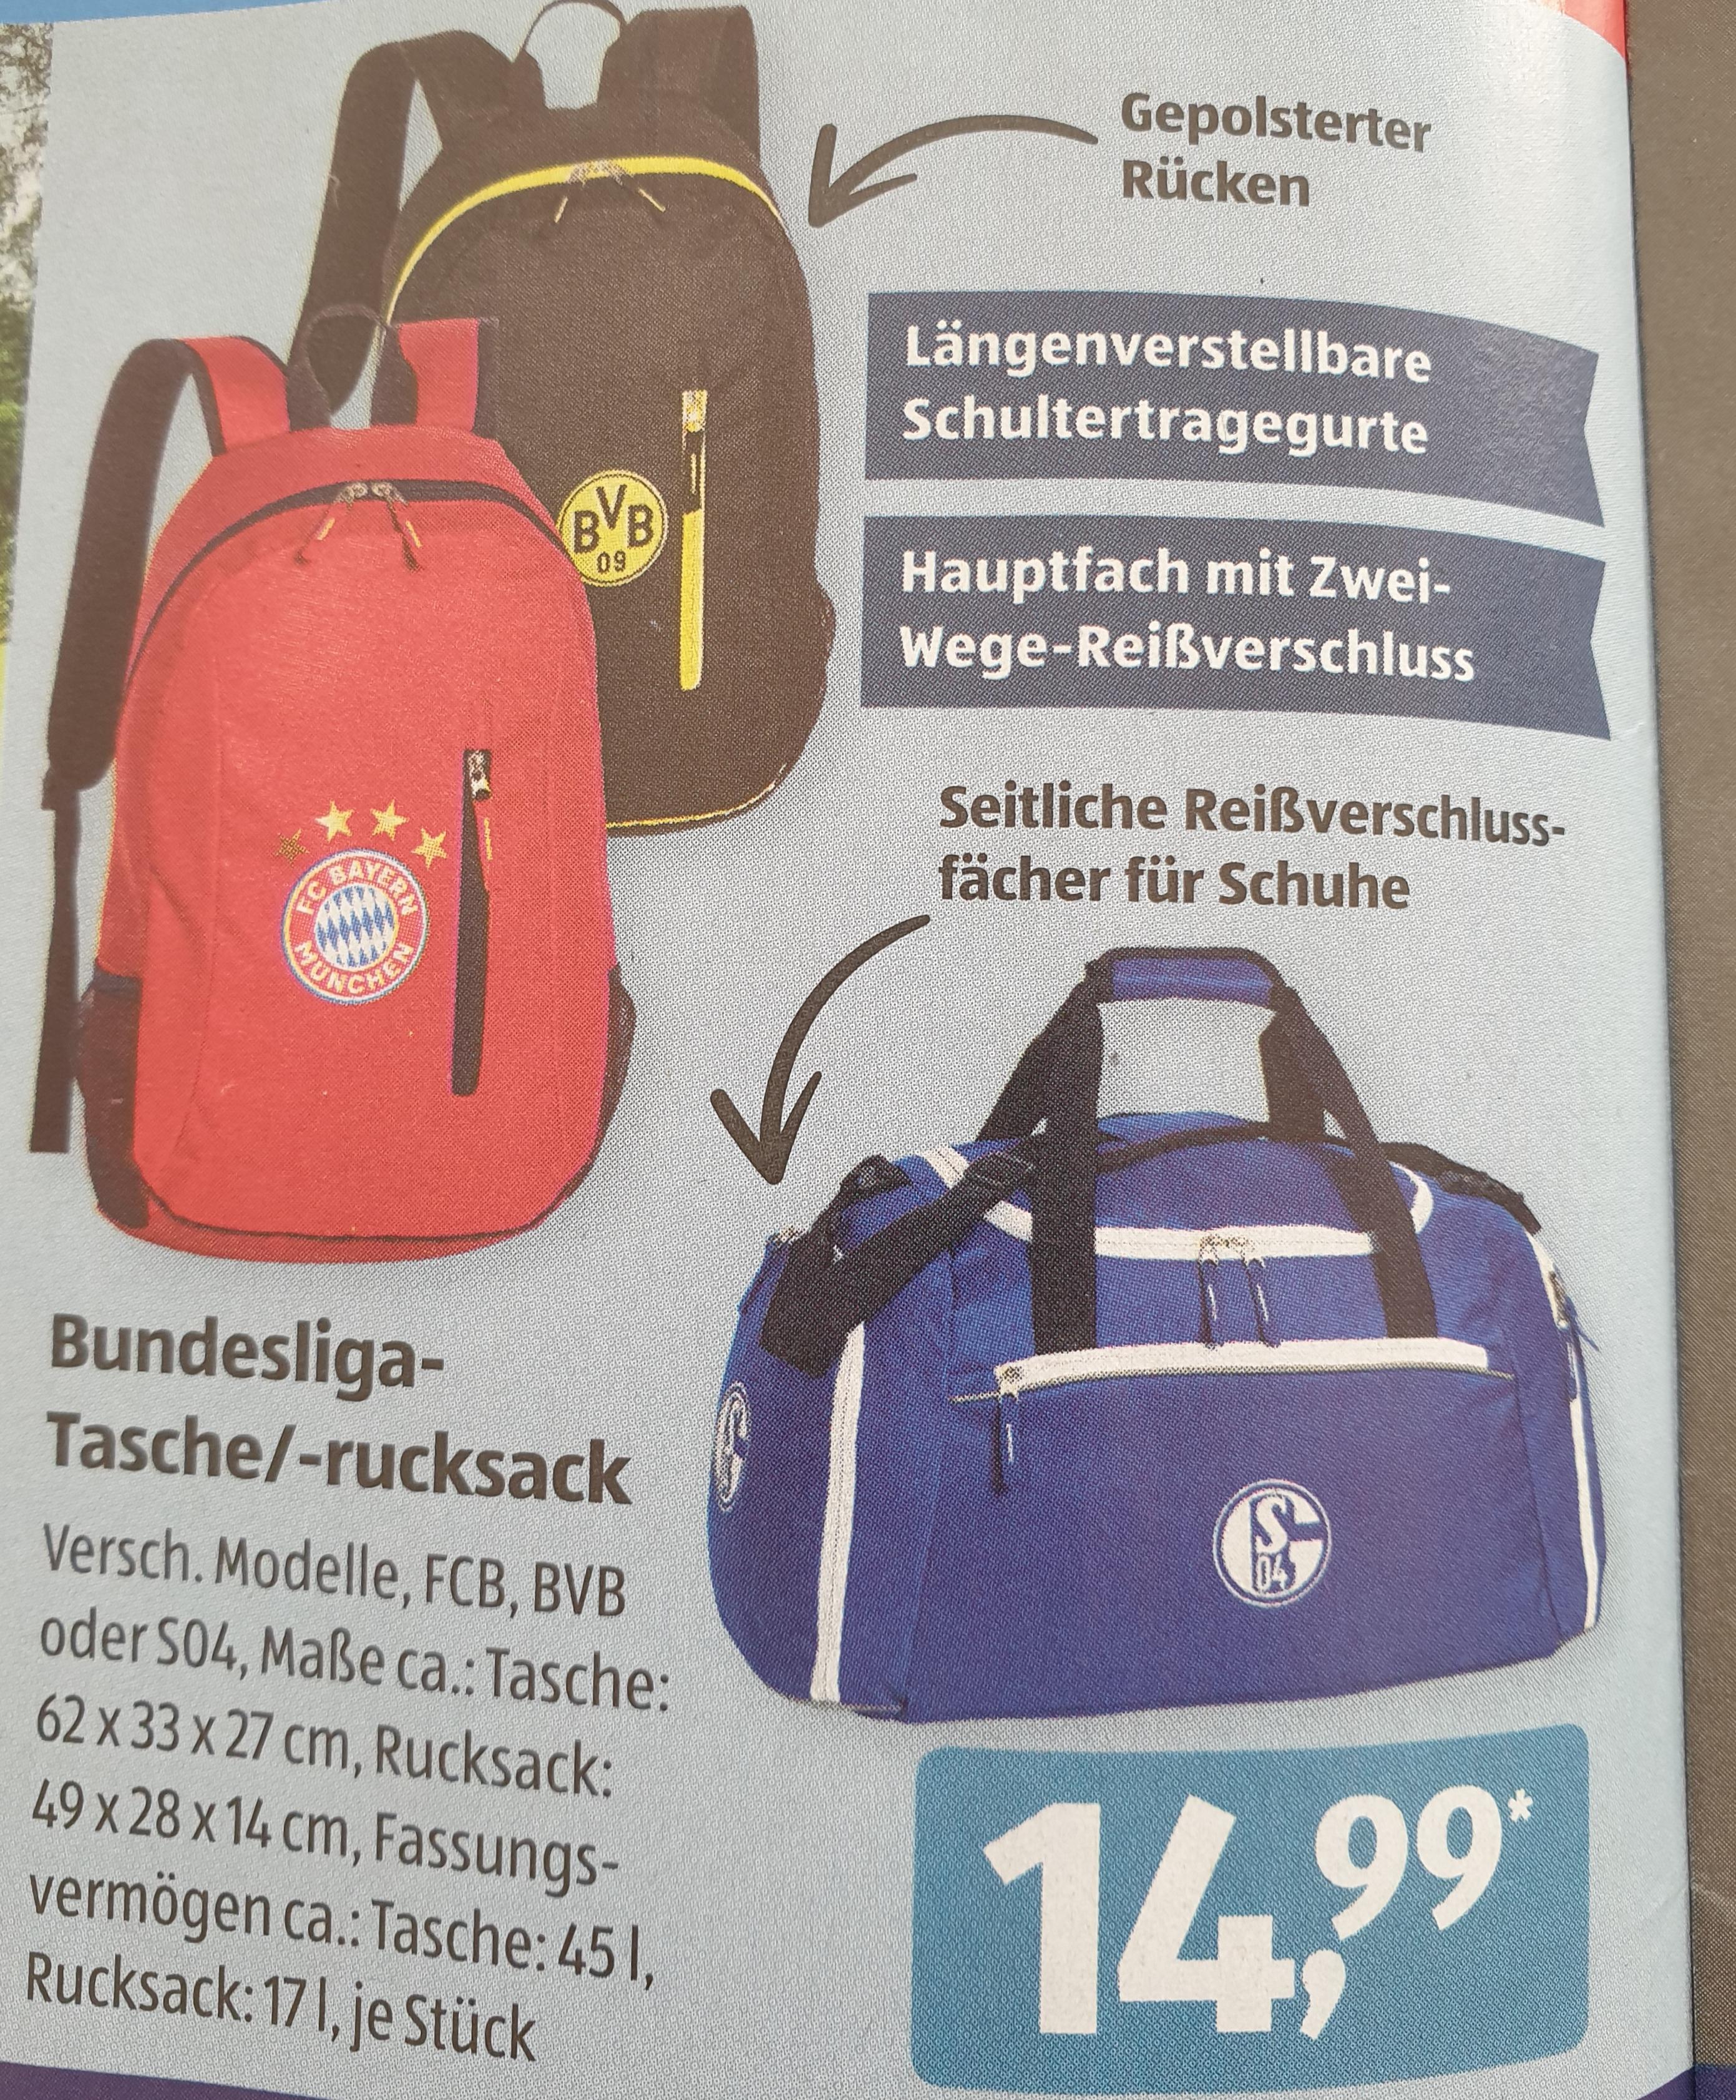 [ Aldi Süd ] Bundesliga Tasche / Rucksack verschiedene Modelle und Clubs